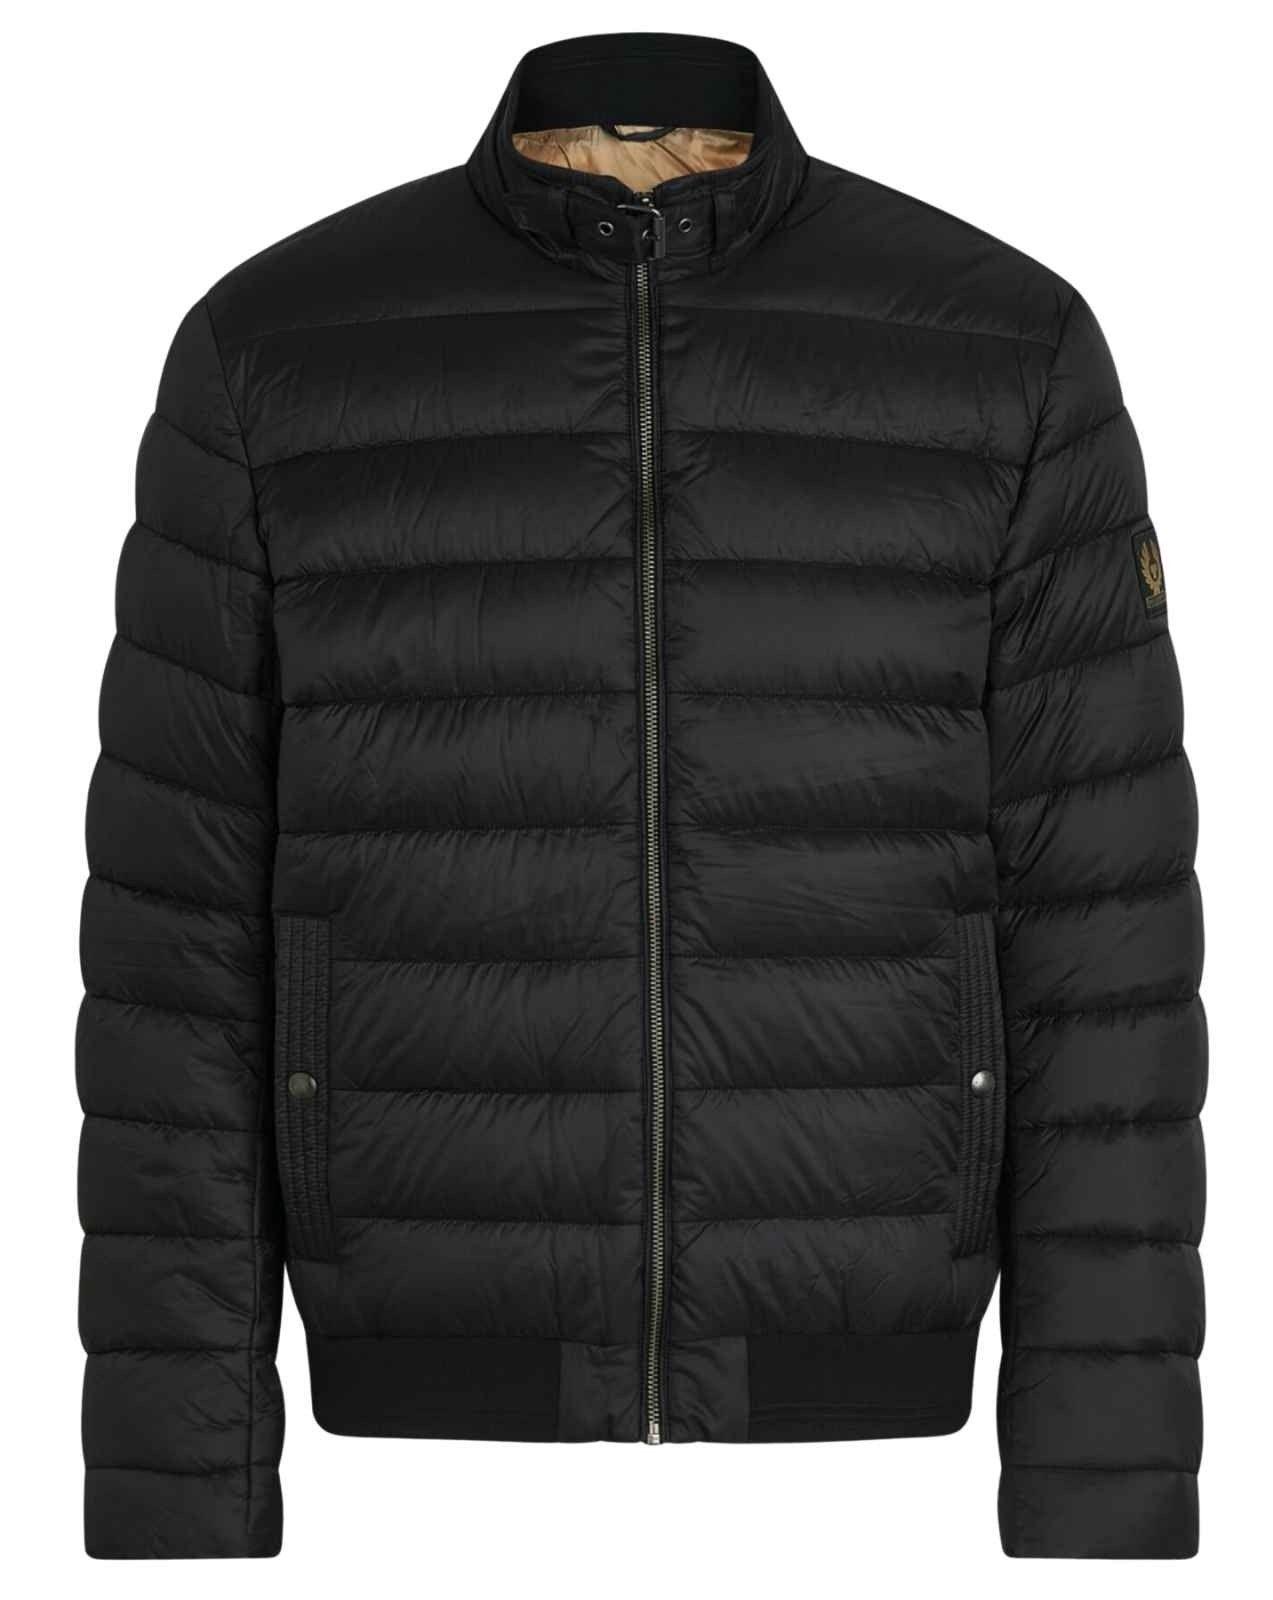 BELSTAFF - Herren Jacke - Circuit Jacket - Black